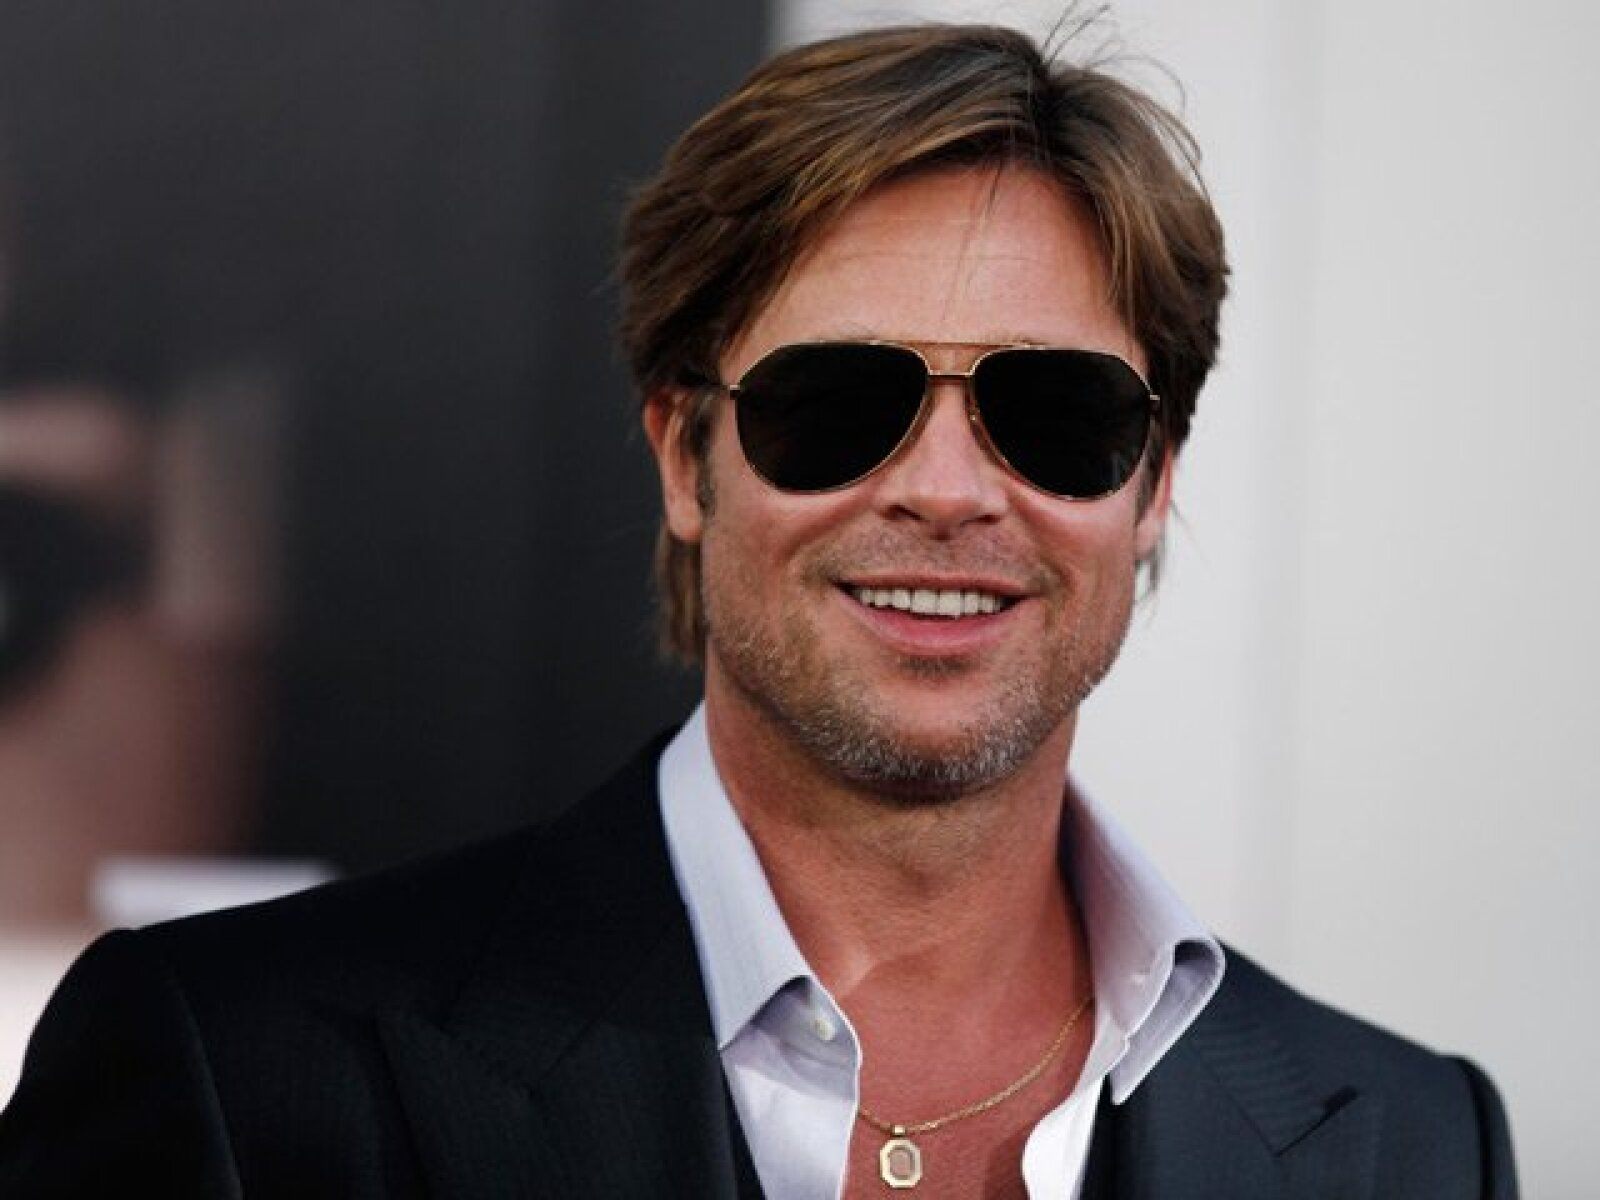 Brad Pitt. El guapo actor de Hollywood estaba estudiando Diseño Gráfico y Periodismo.